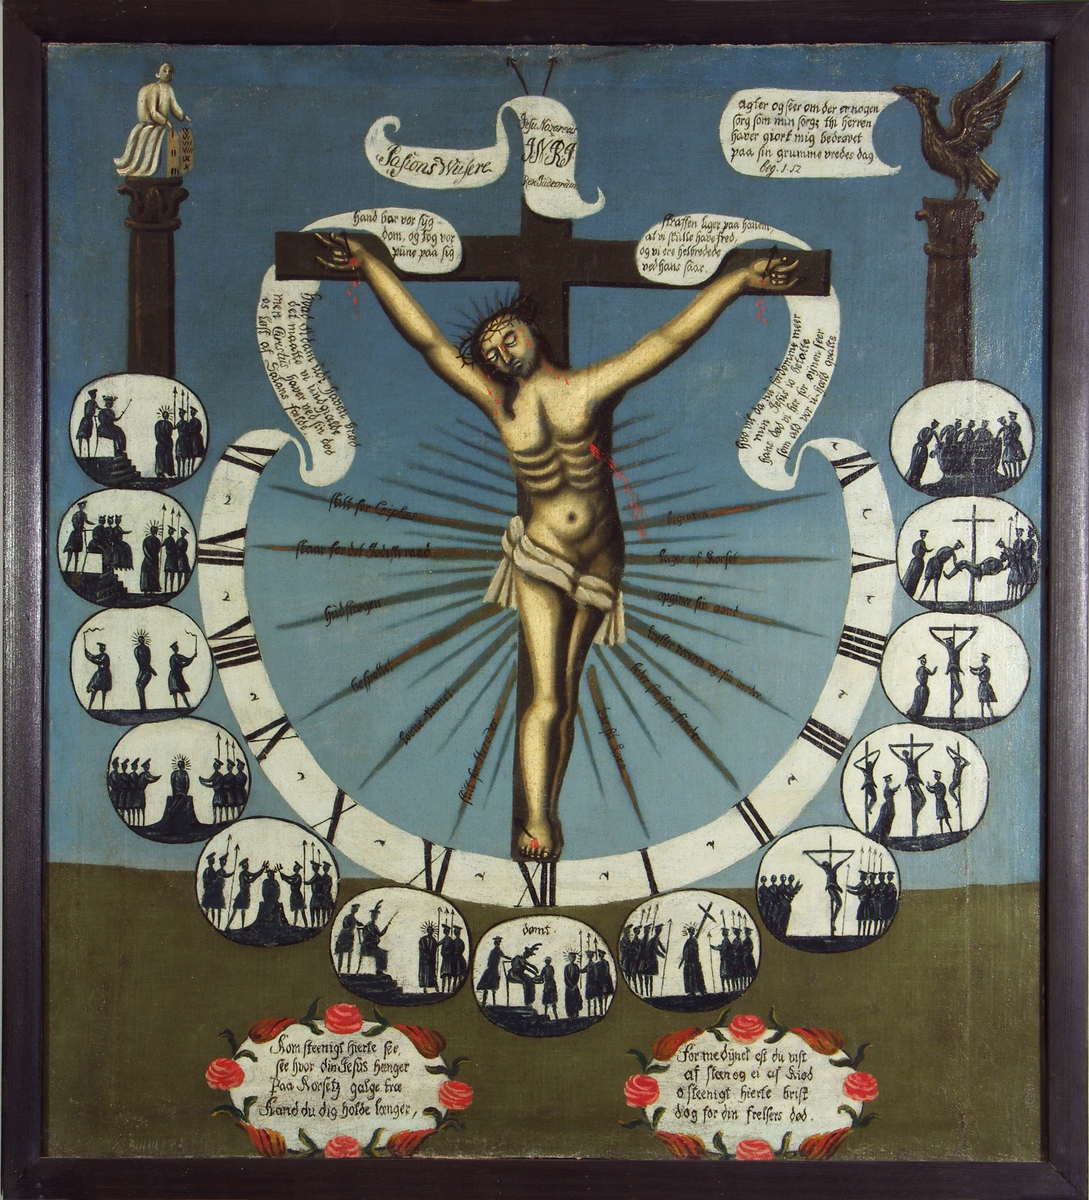 Pasjonsviser. Maleriet viser Kristus på korset omgitt av visere med klokkeslettene 6 om morgenen til kl seks om kvelden i form av romertall og små bilder som illustrerer lidelseshistorien time for time.